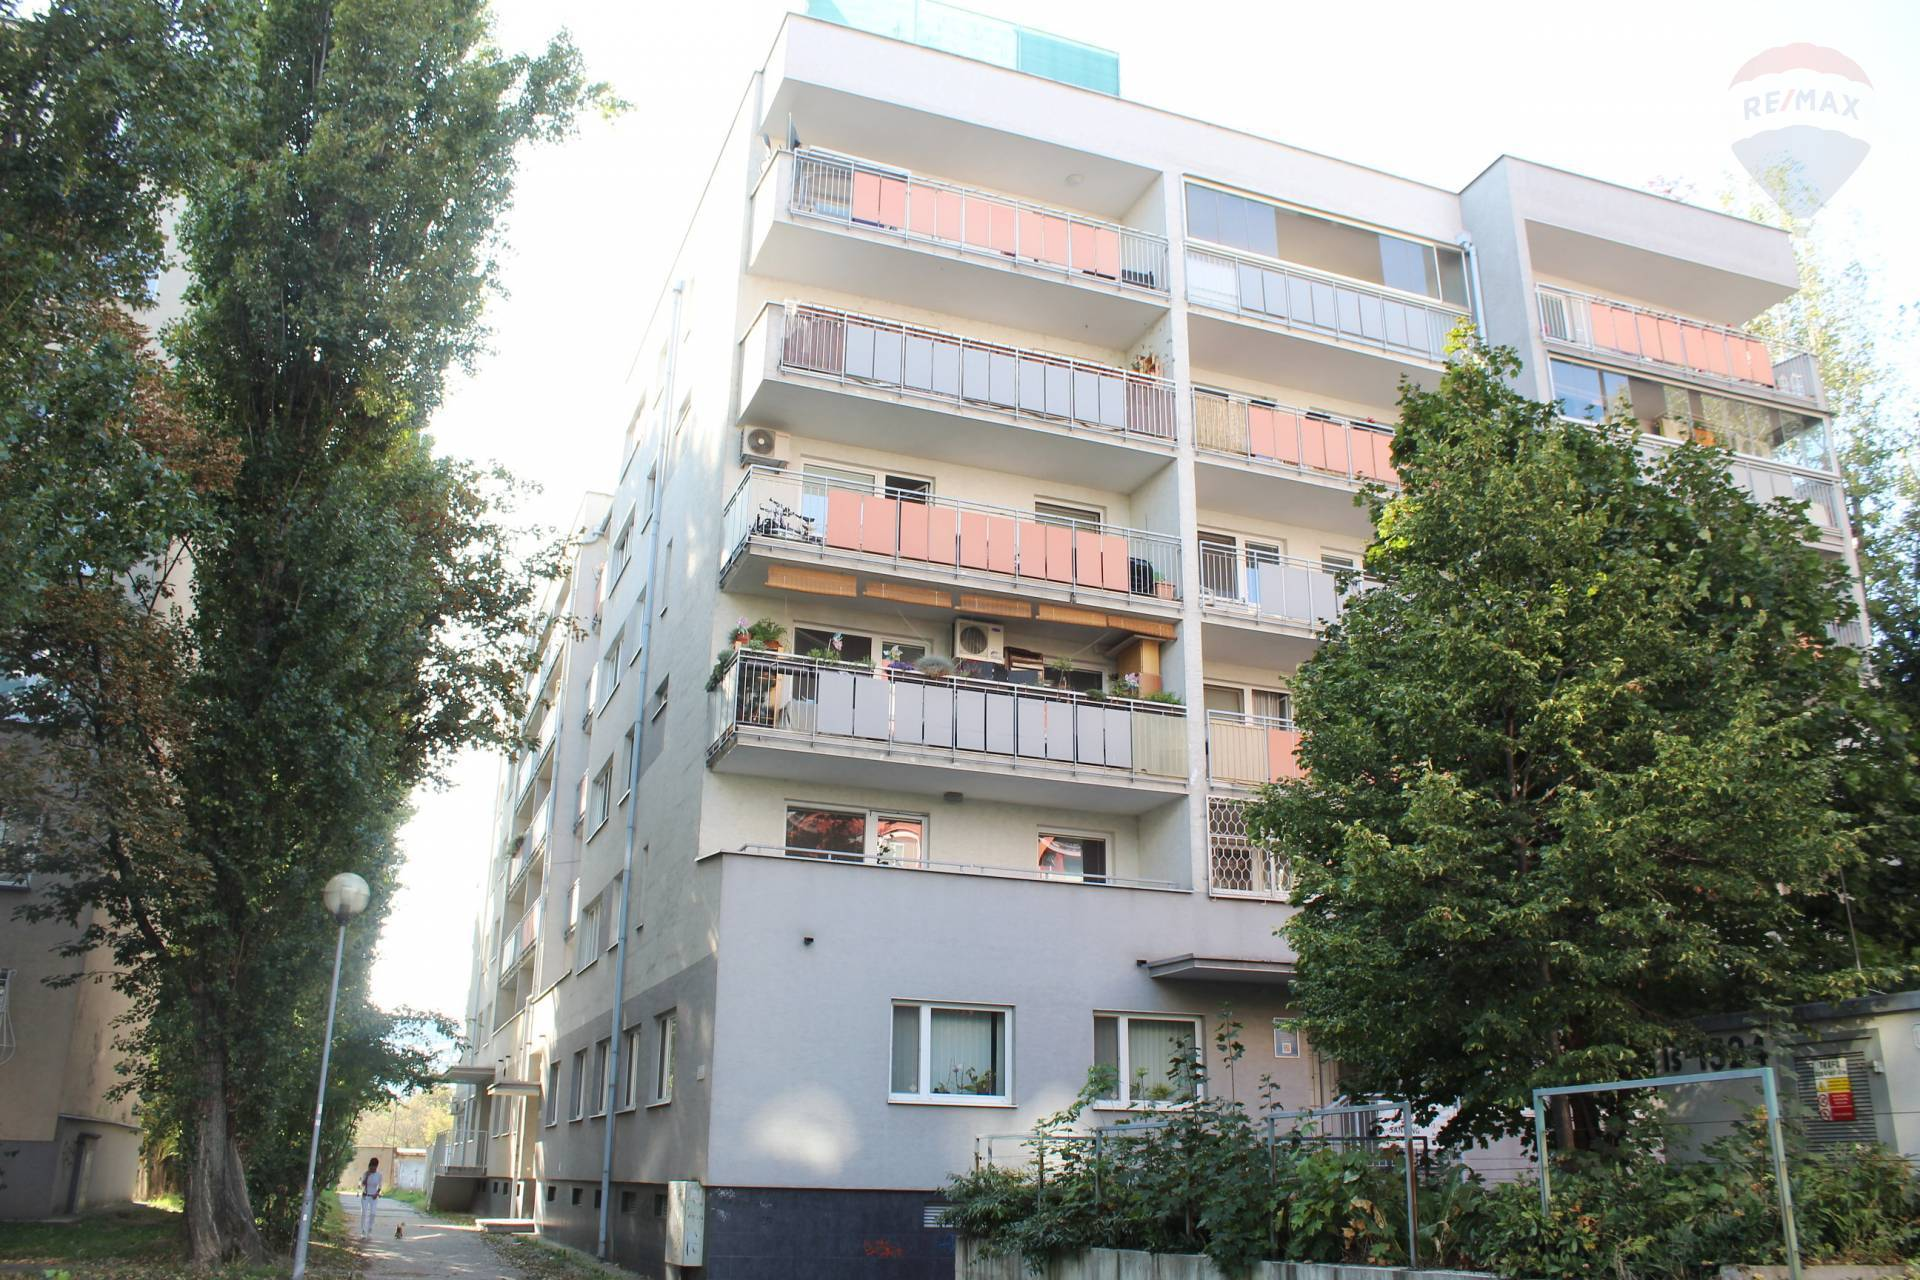 Predaj, 2-izbový byt (63 m2) s veľkou loggiou (12 m2), novostavba, Ružinov - Haburská ul.